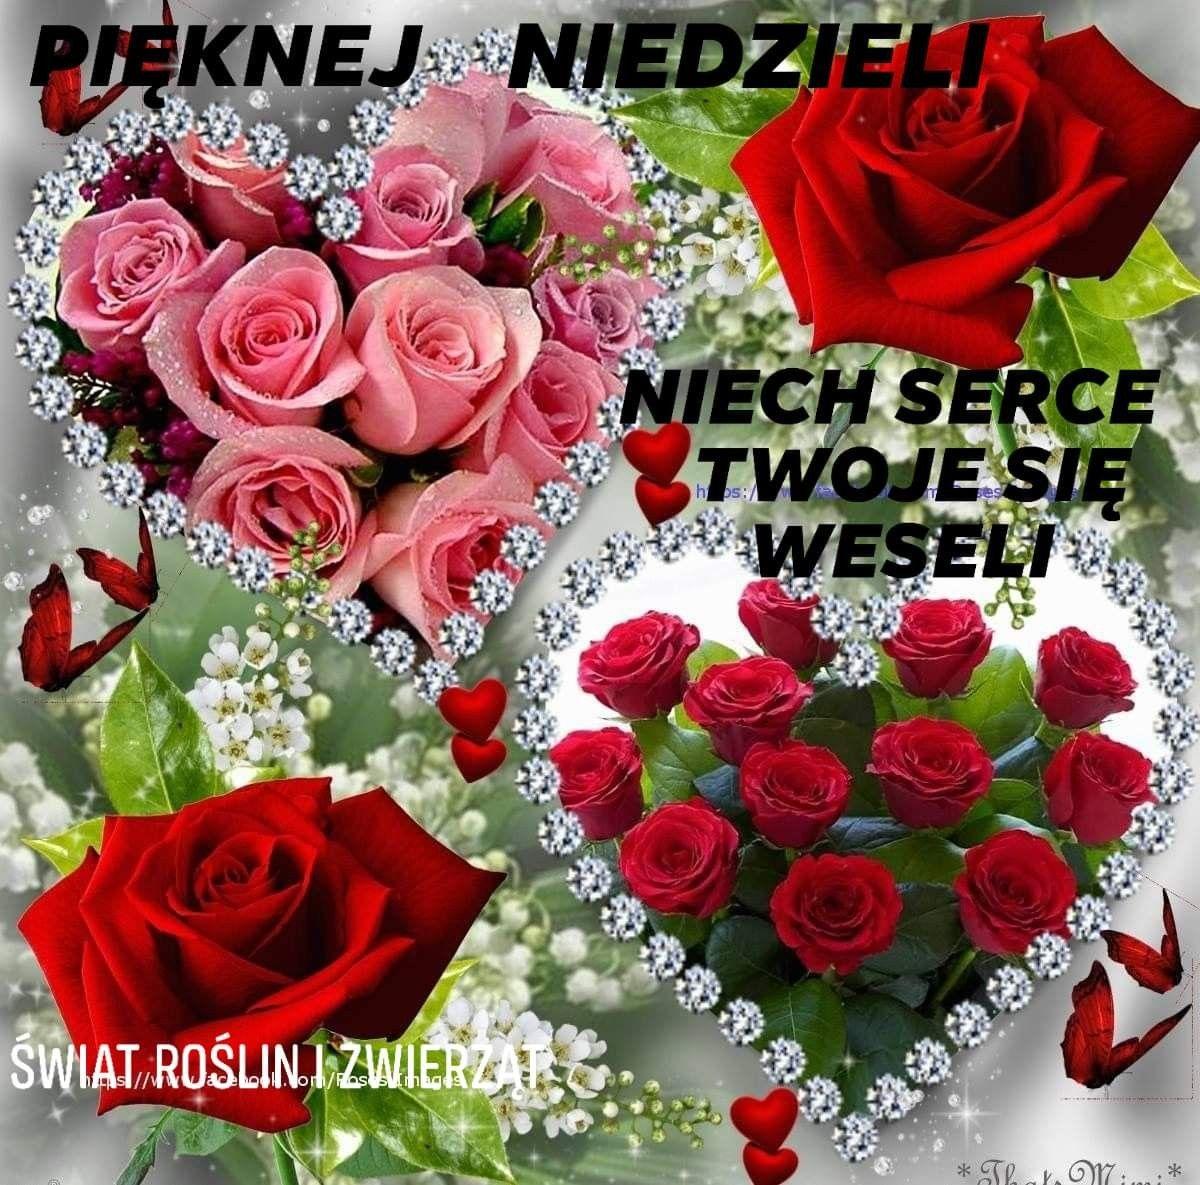 Pin By Jozef On Niedziela Rose Flower Wallpaper Beautiful Rose Flowers Beautiful Roses